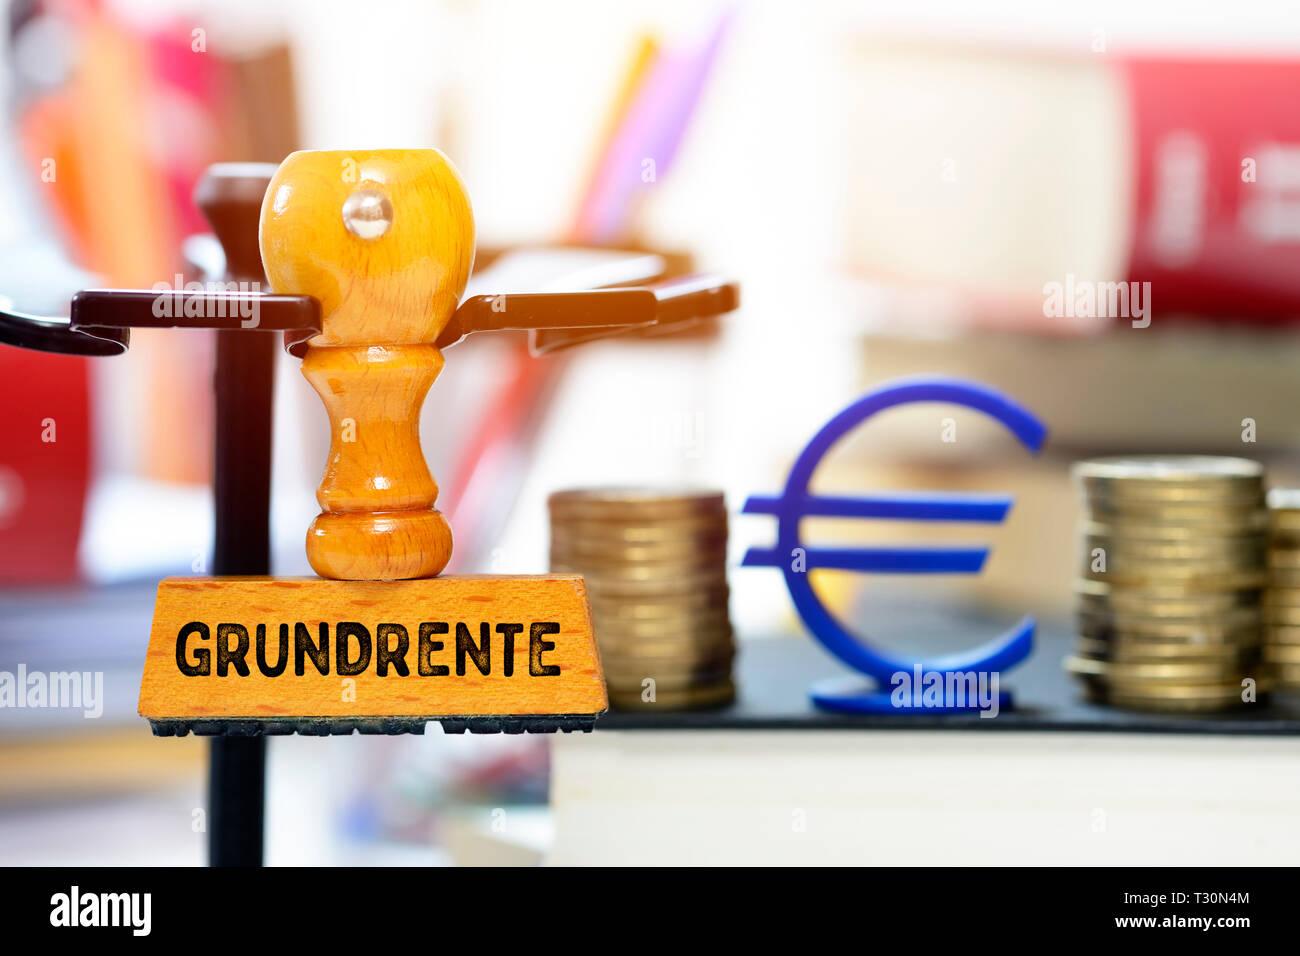 PHOTOMONTAGE, stamp with the label Ground rent, FOTOMONTAGE, Stempel mit der Aufschrift Grundrente Stock Photo